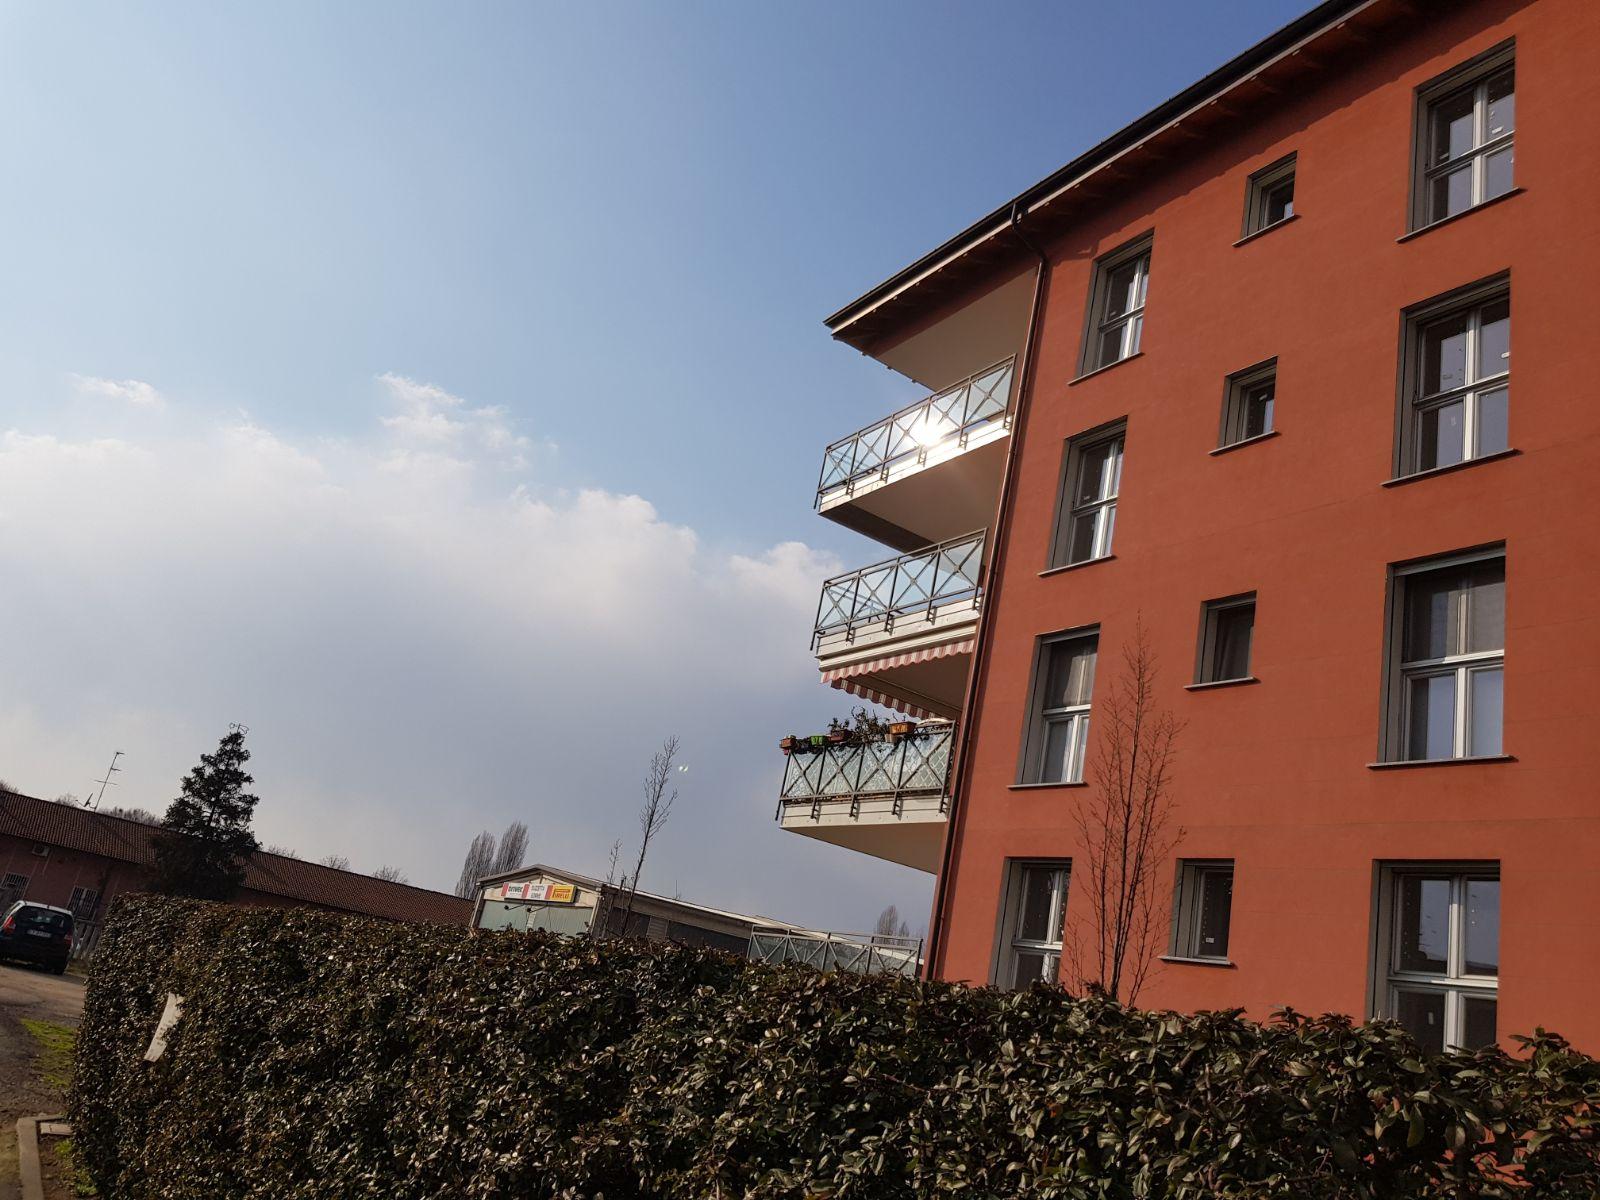 Negozio / Locale in affitto a Binasco, 9999 locali, prezzo € 1.000 | CambioCasa.it